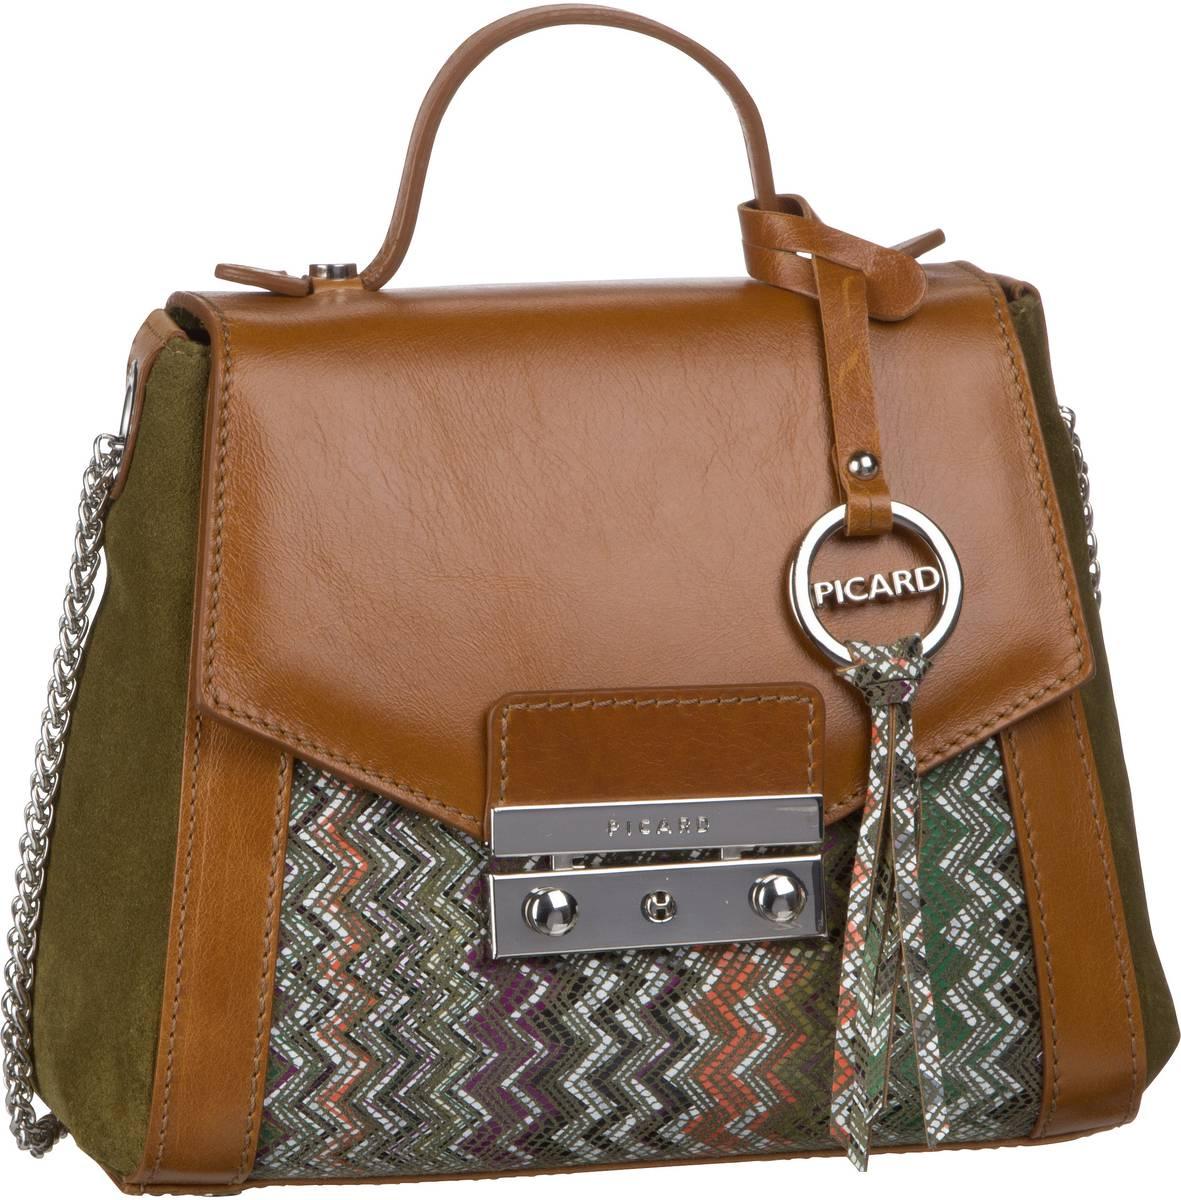 Wiesengrund Angebote Picard Chelsea 4432 Olive-Mix - Handtasche